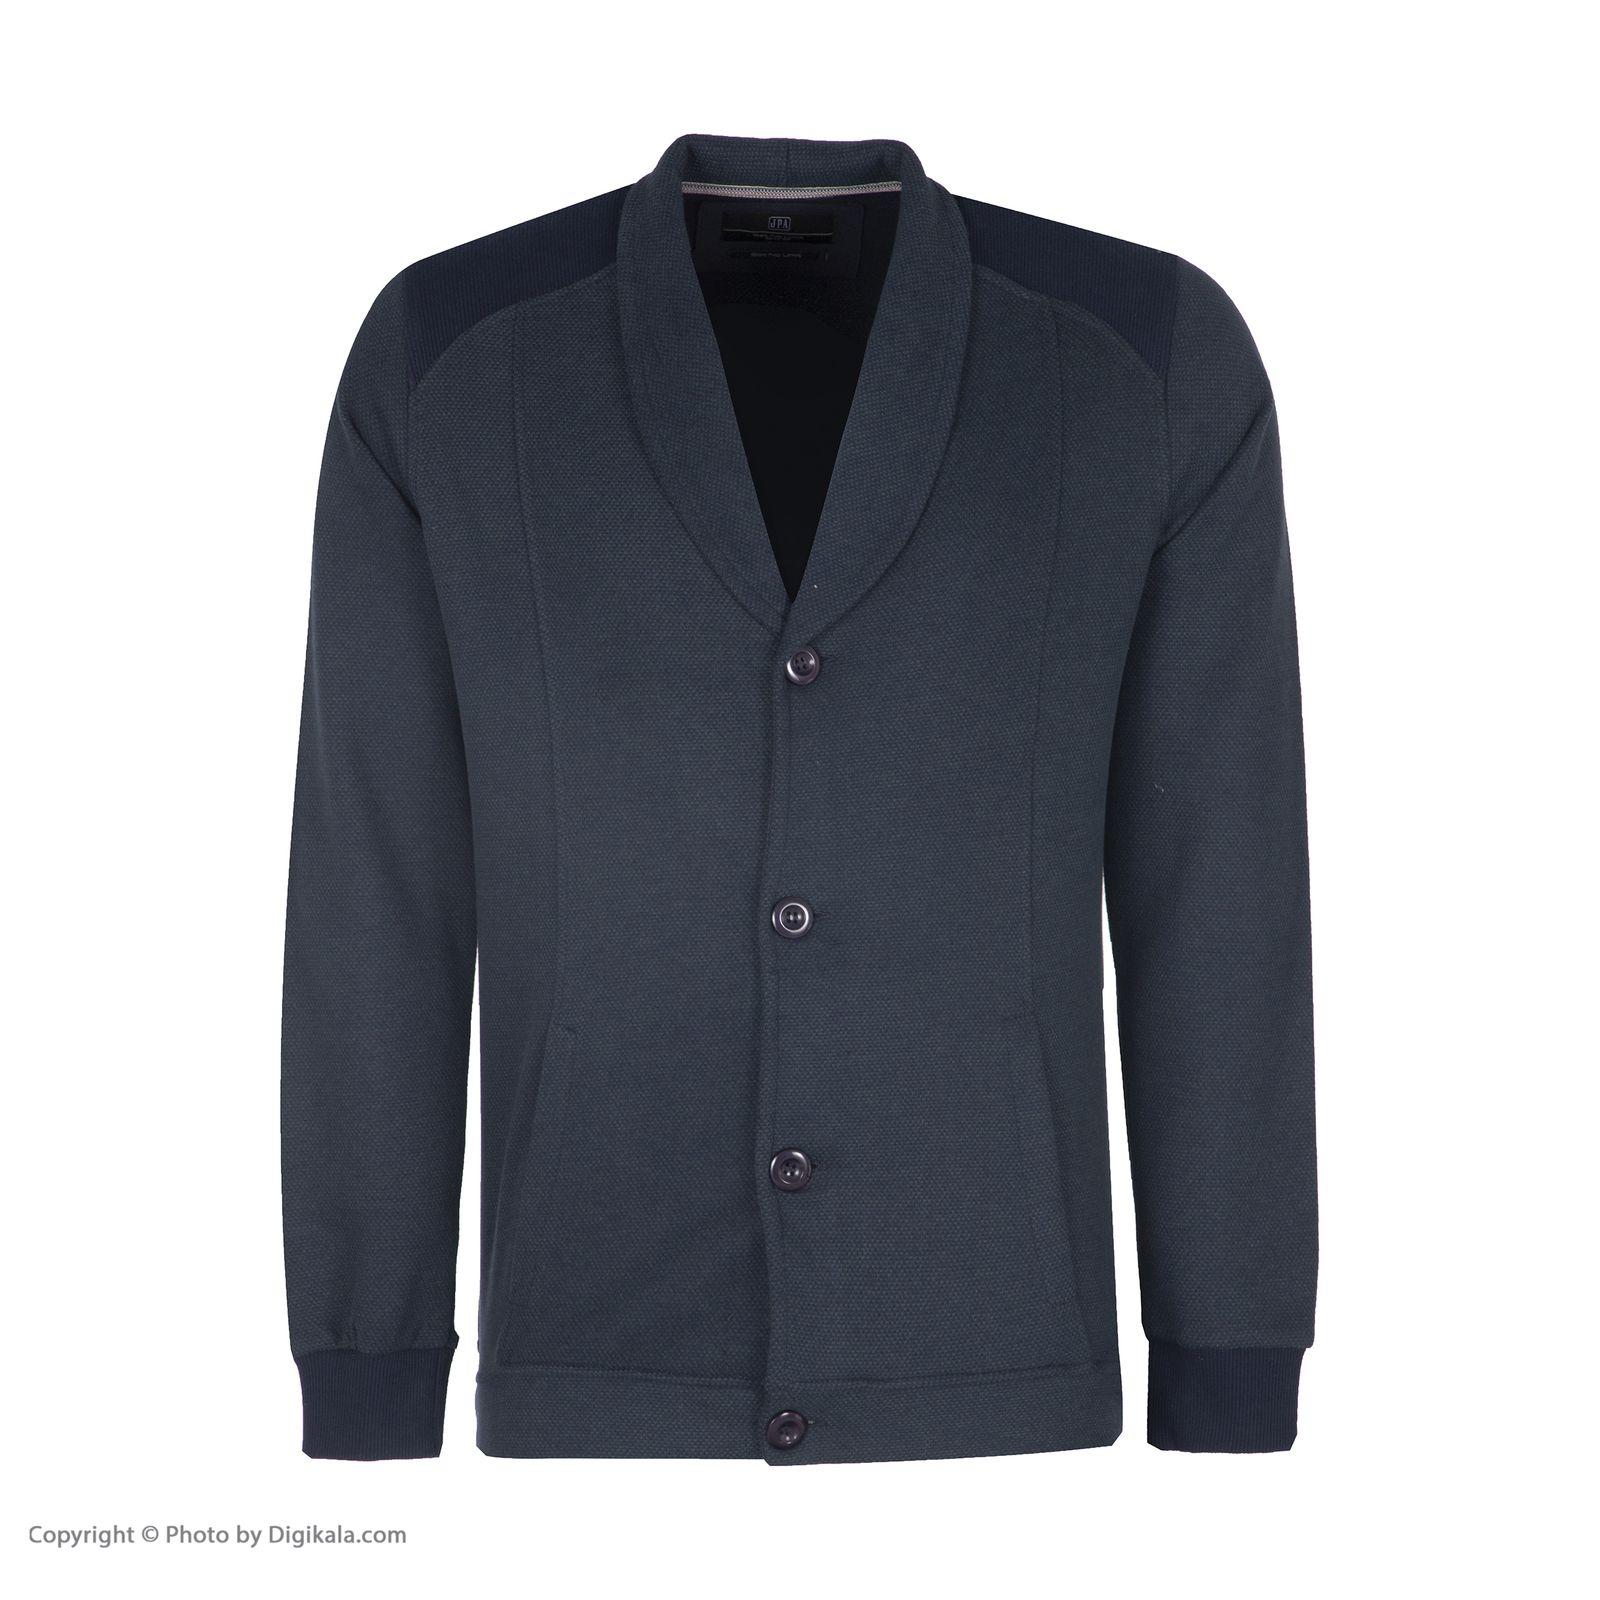 ژاکت مردانه جامه پوش آرا مدل 4581178152-43